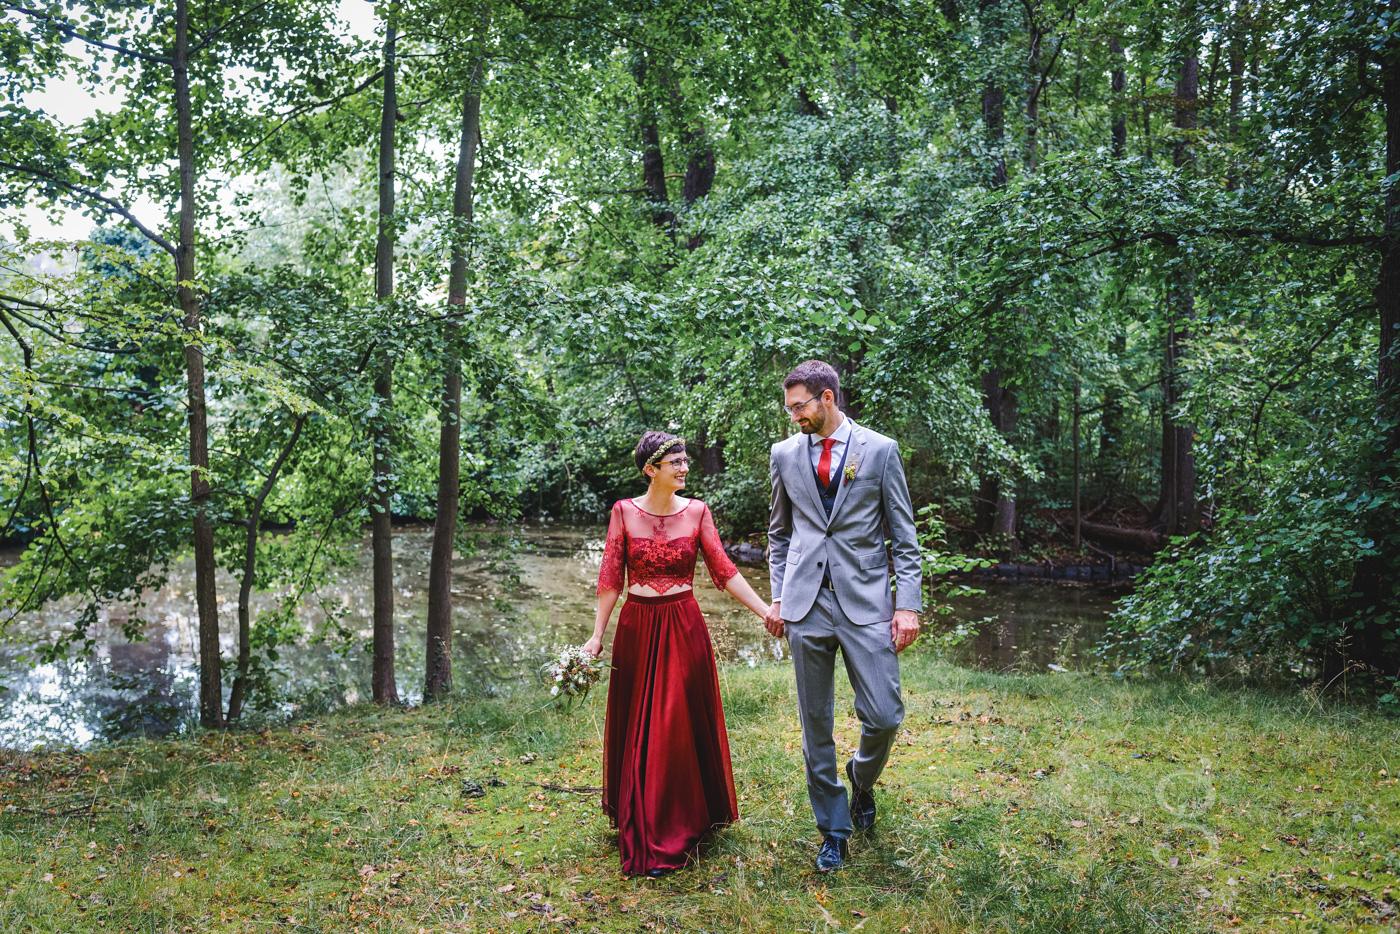 20200905_grahlfoto_unsere-Hochzeit_Kreischa_089_web